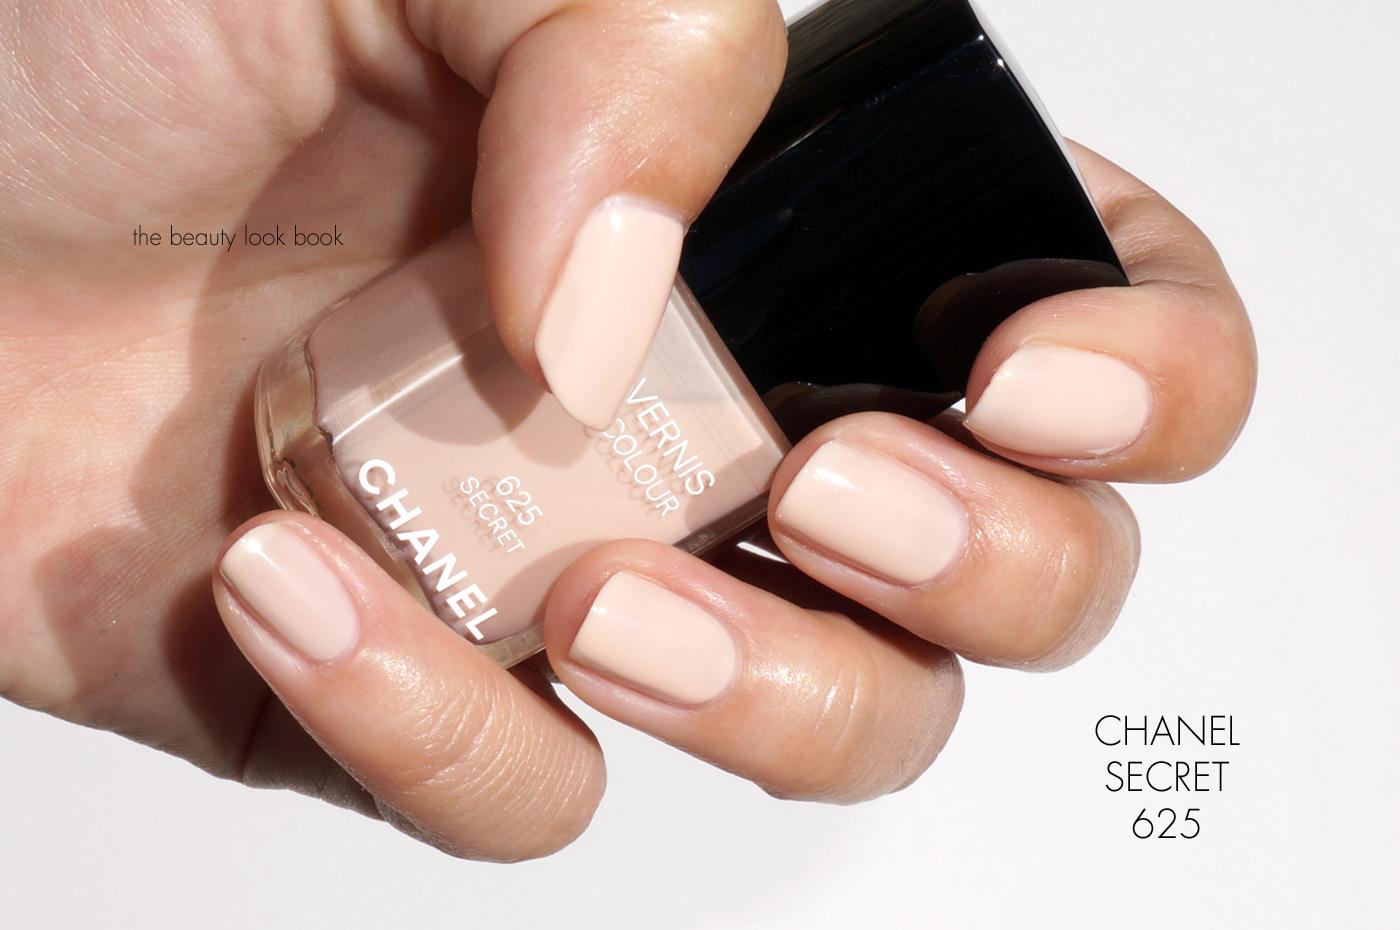 Chanel Secret #625, Atmosphère #629 and Orage #631 Le Vernis ...